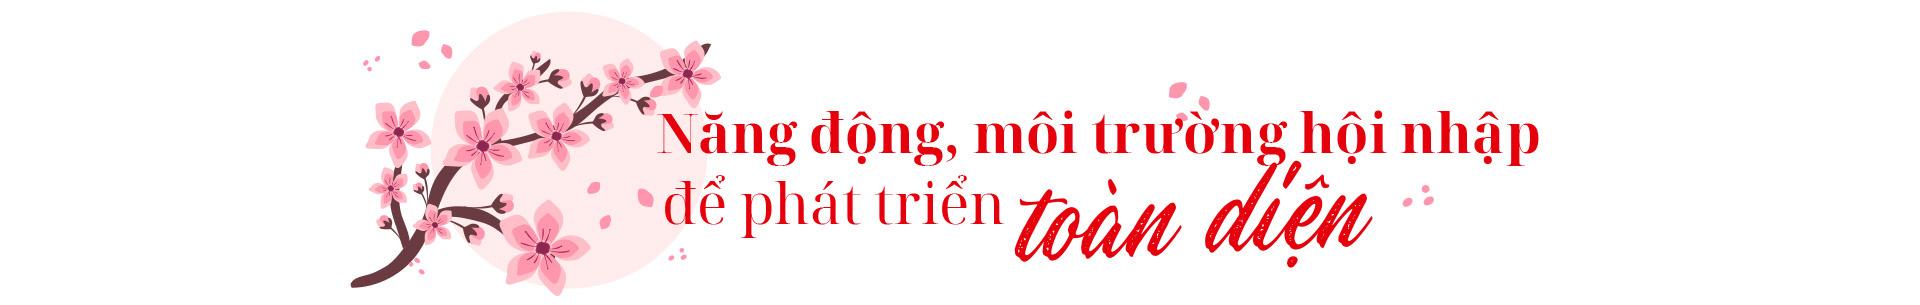 Bản sắc Việt & tác phong Nhật: Giá trị chương trình Đại học chuẩn Nhật Bản - Ảnh 8.